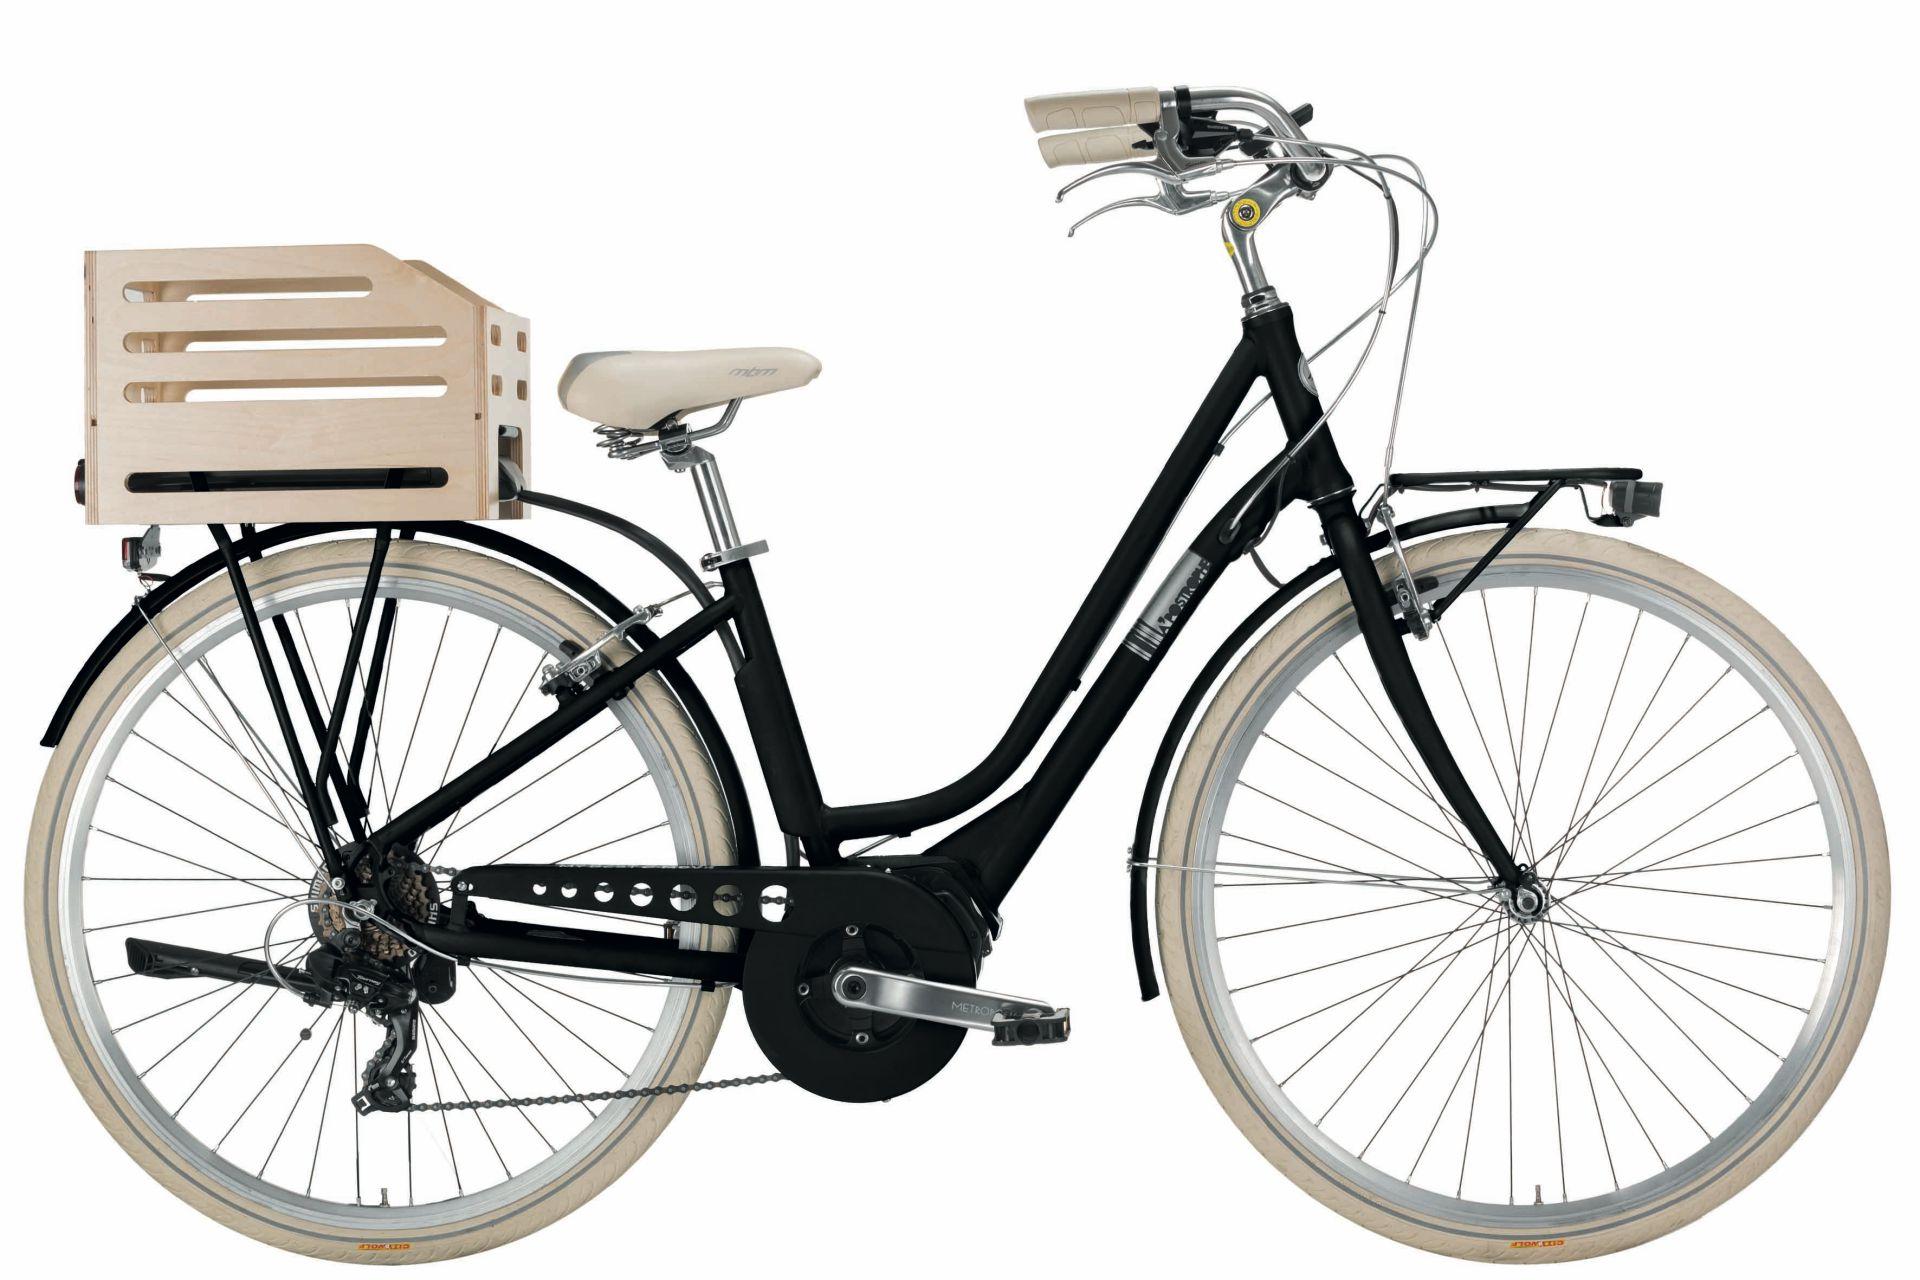 Bici E Bike E City Mbm Apostrophe Donna 28 7v